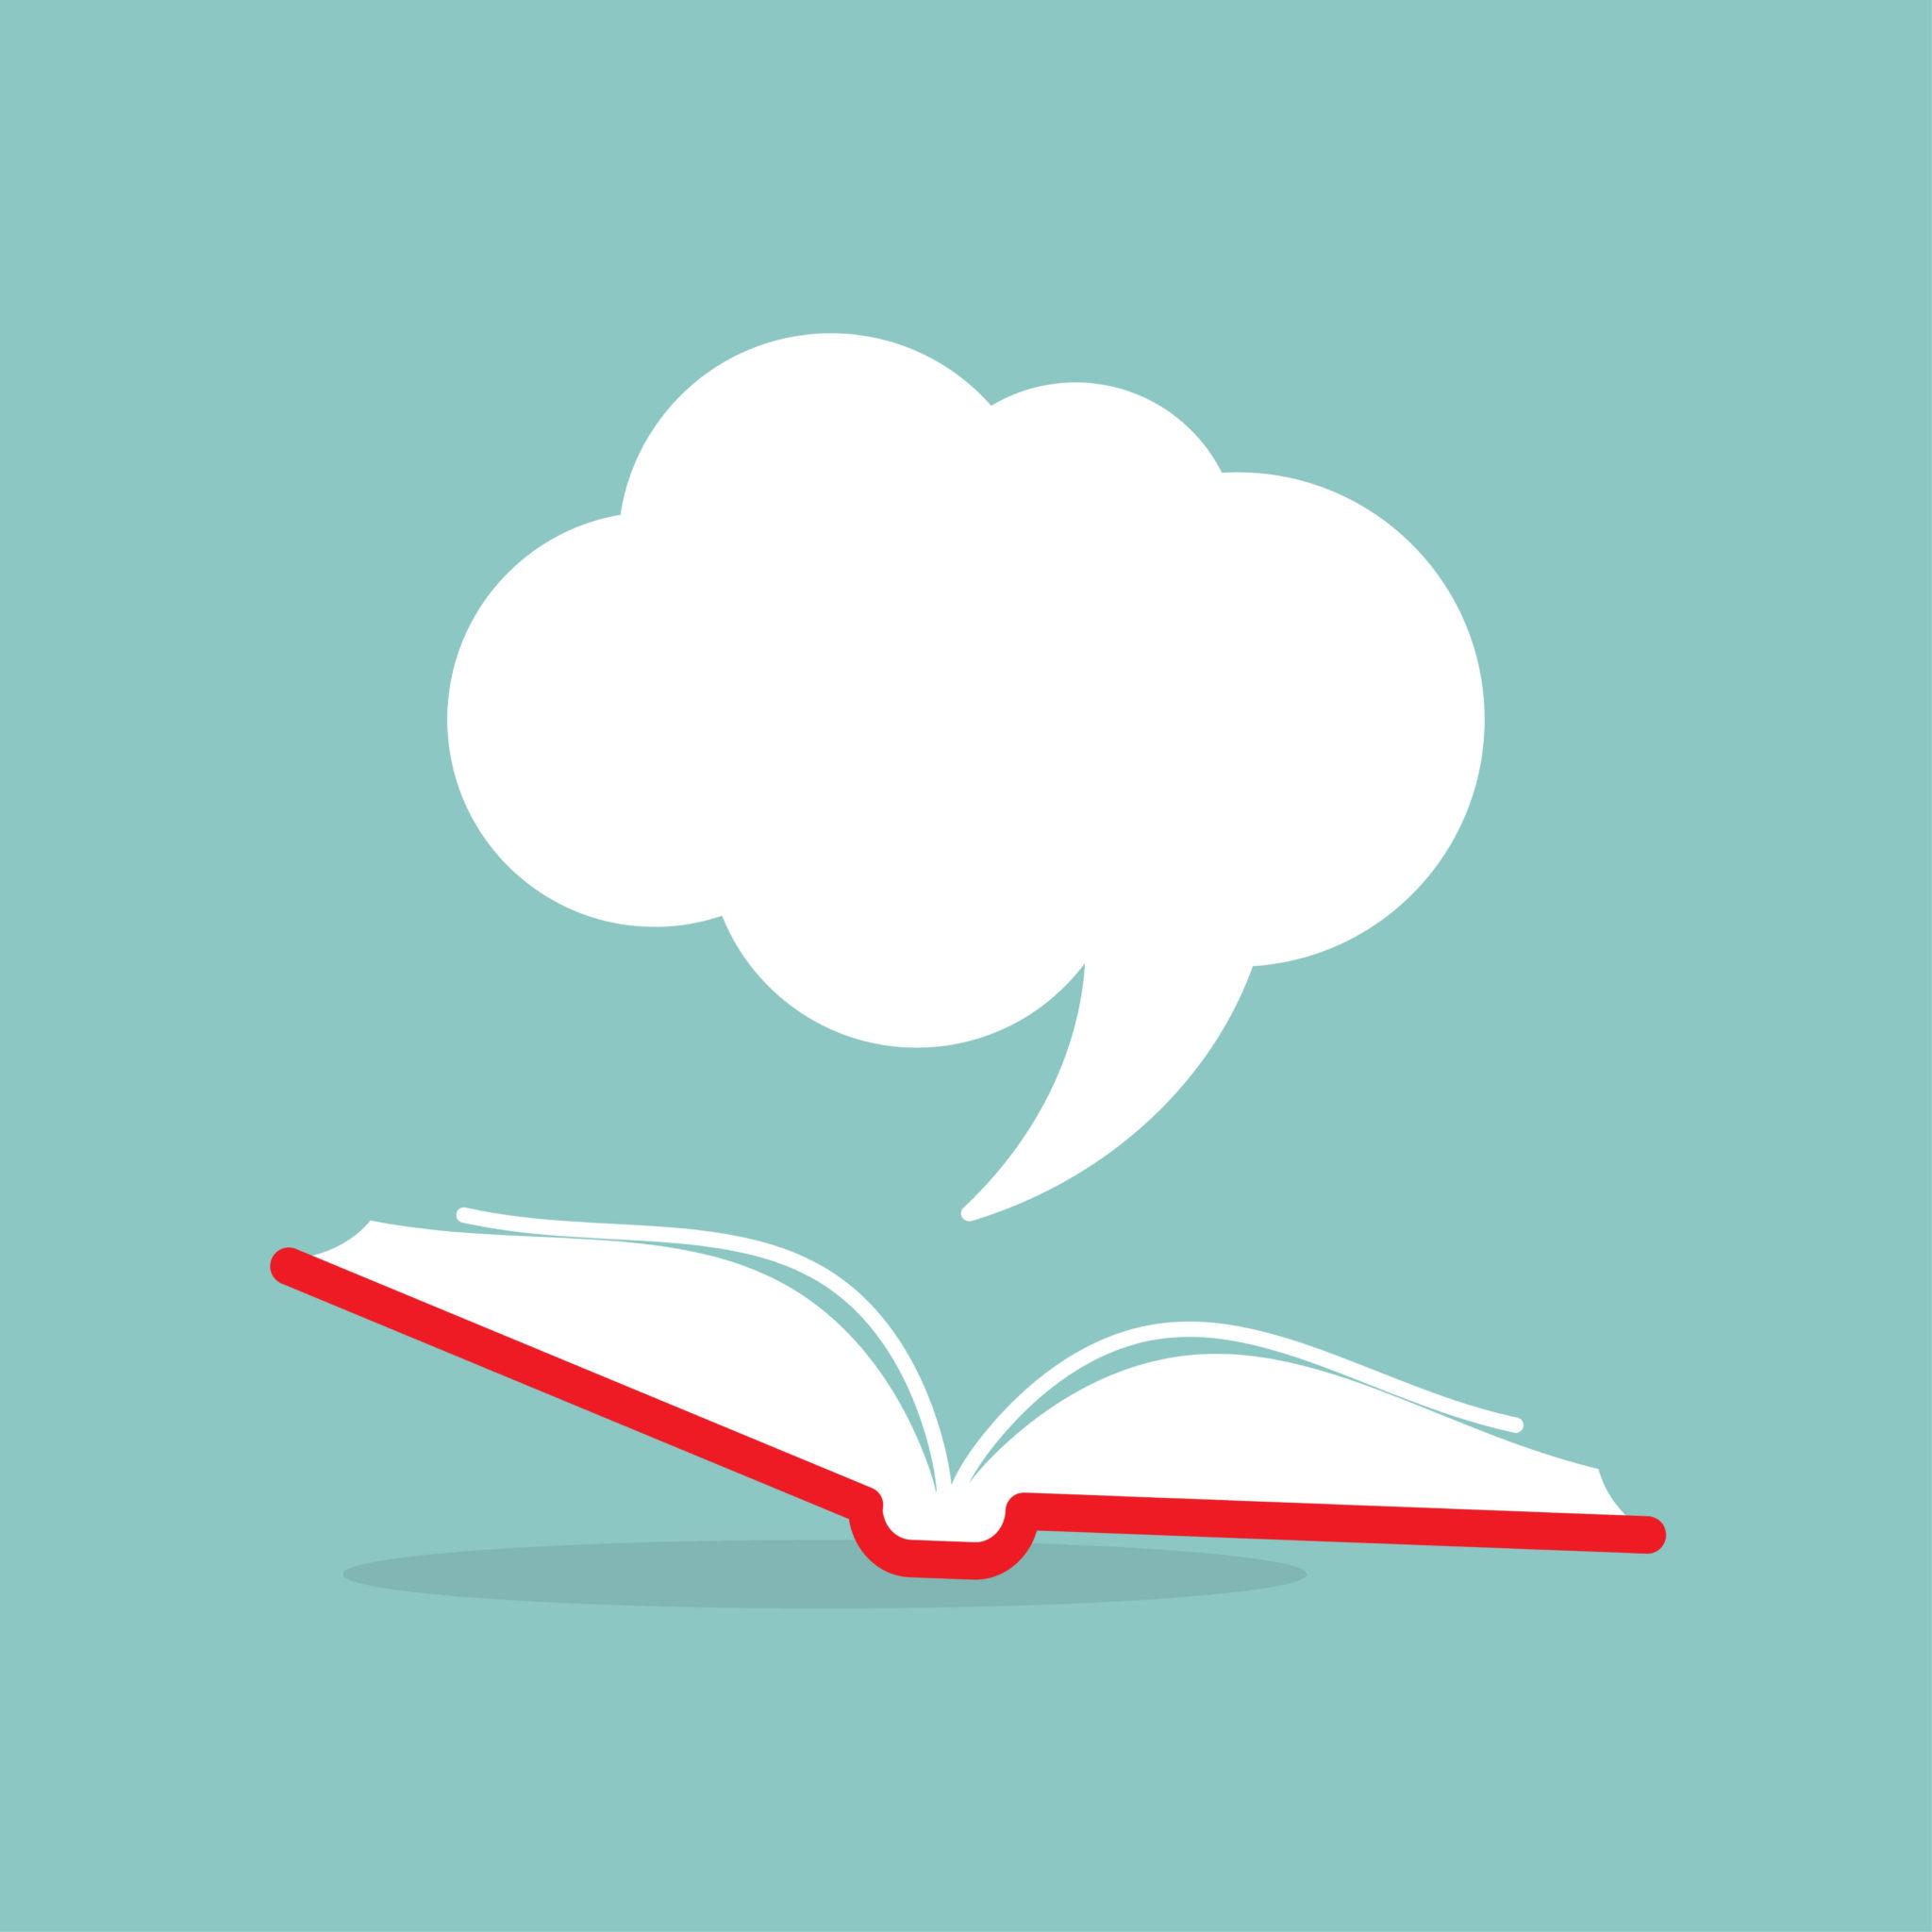 Request a Book